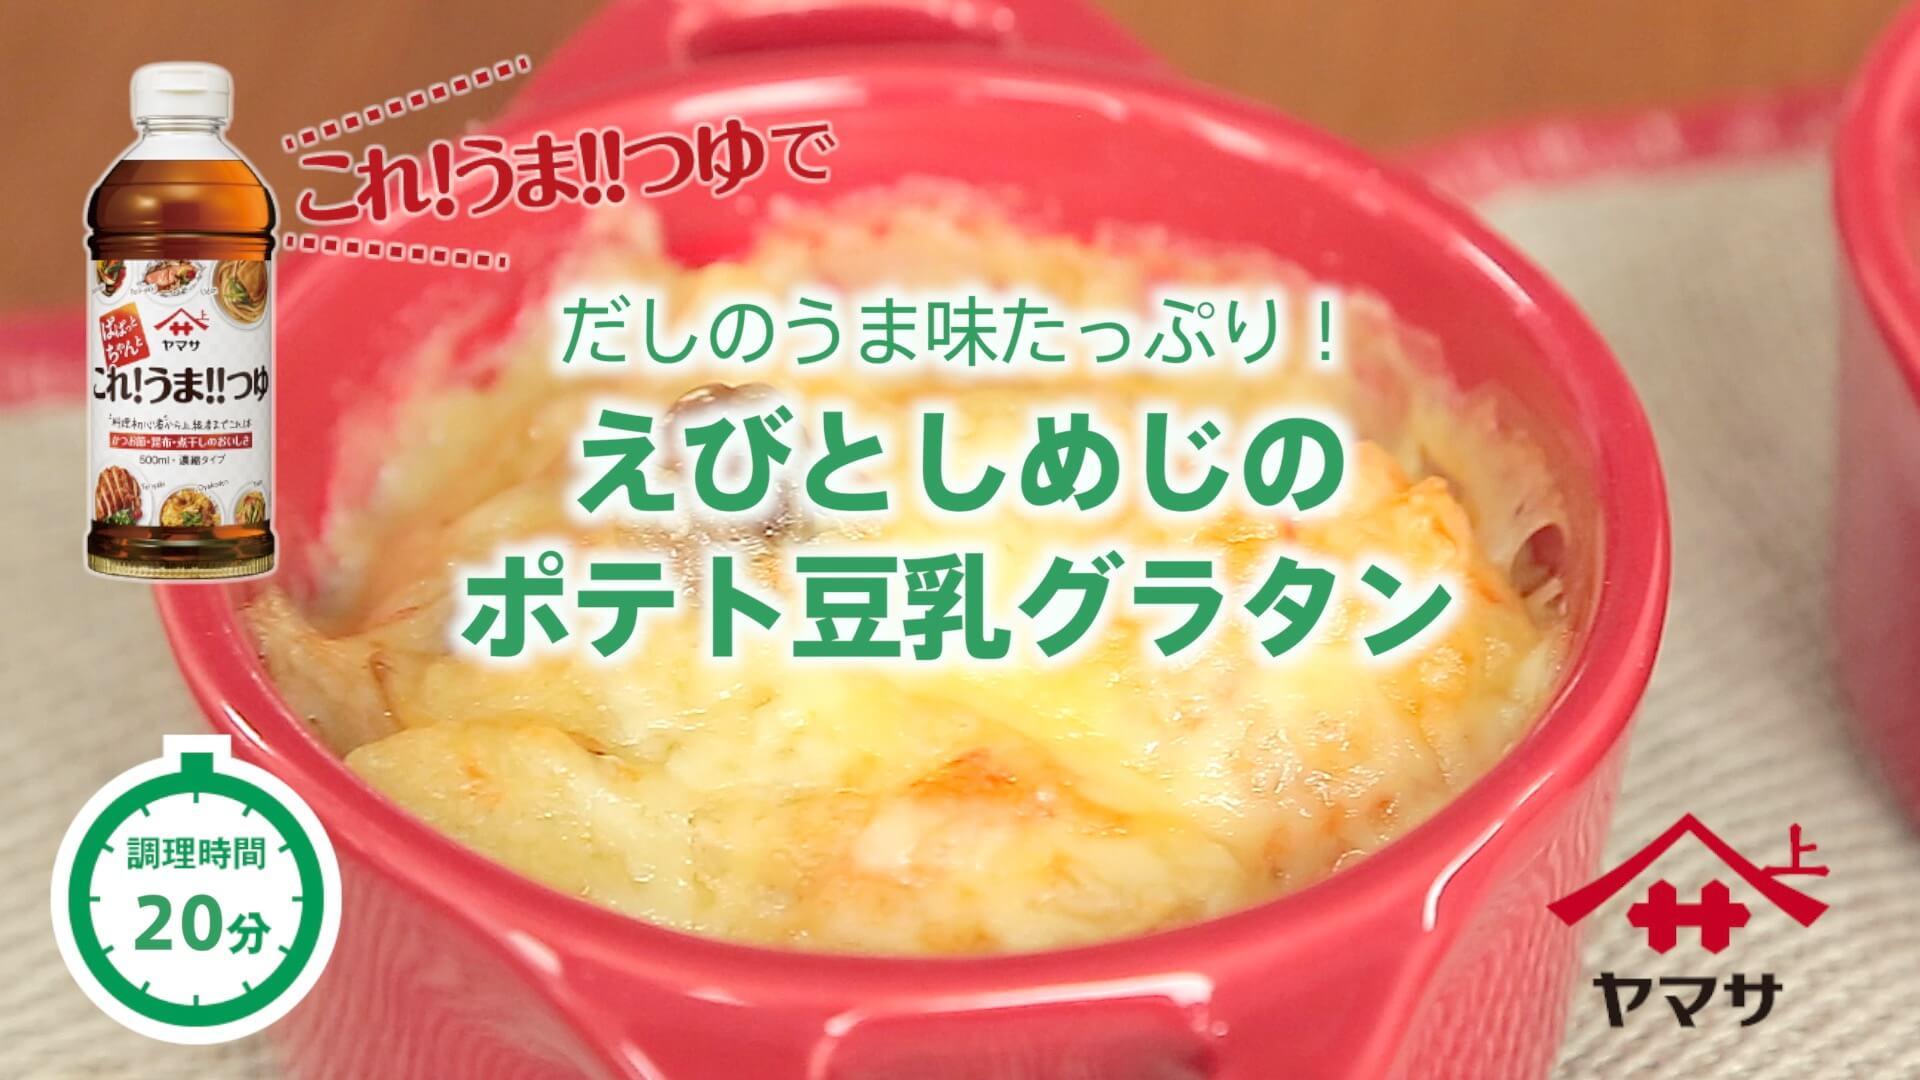 えびとしめじのポテト豆乳グラタン